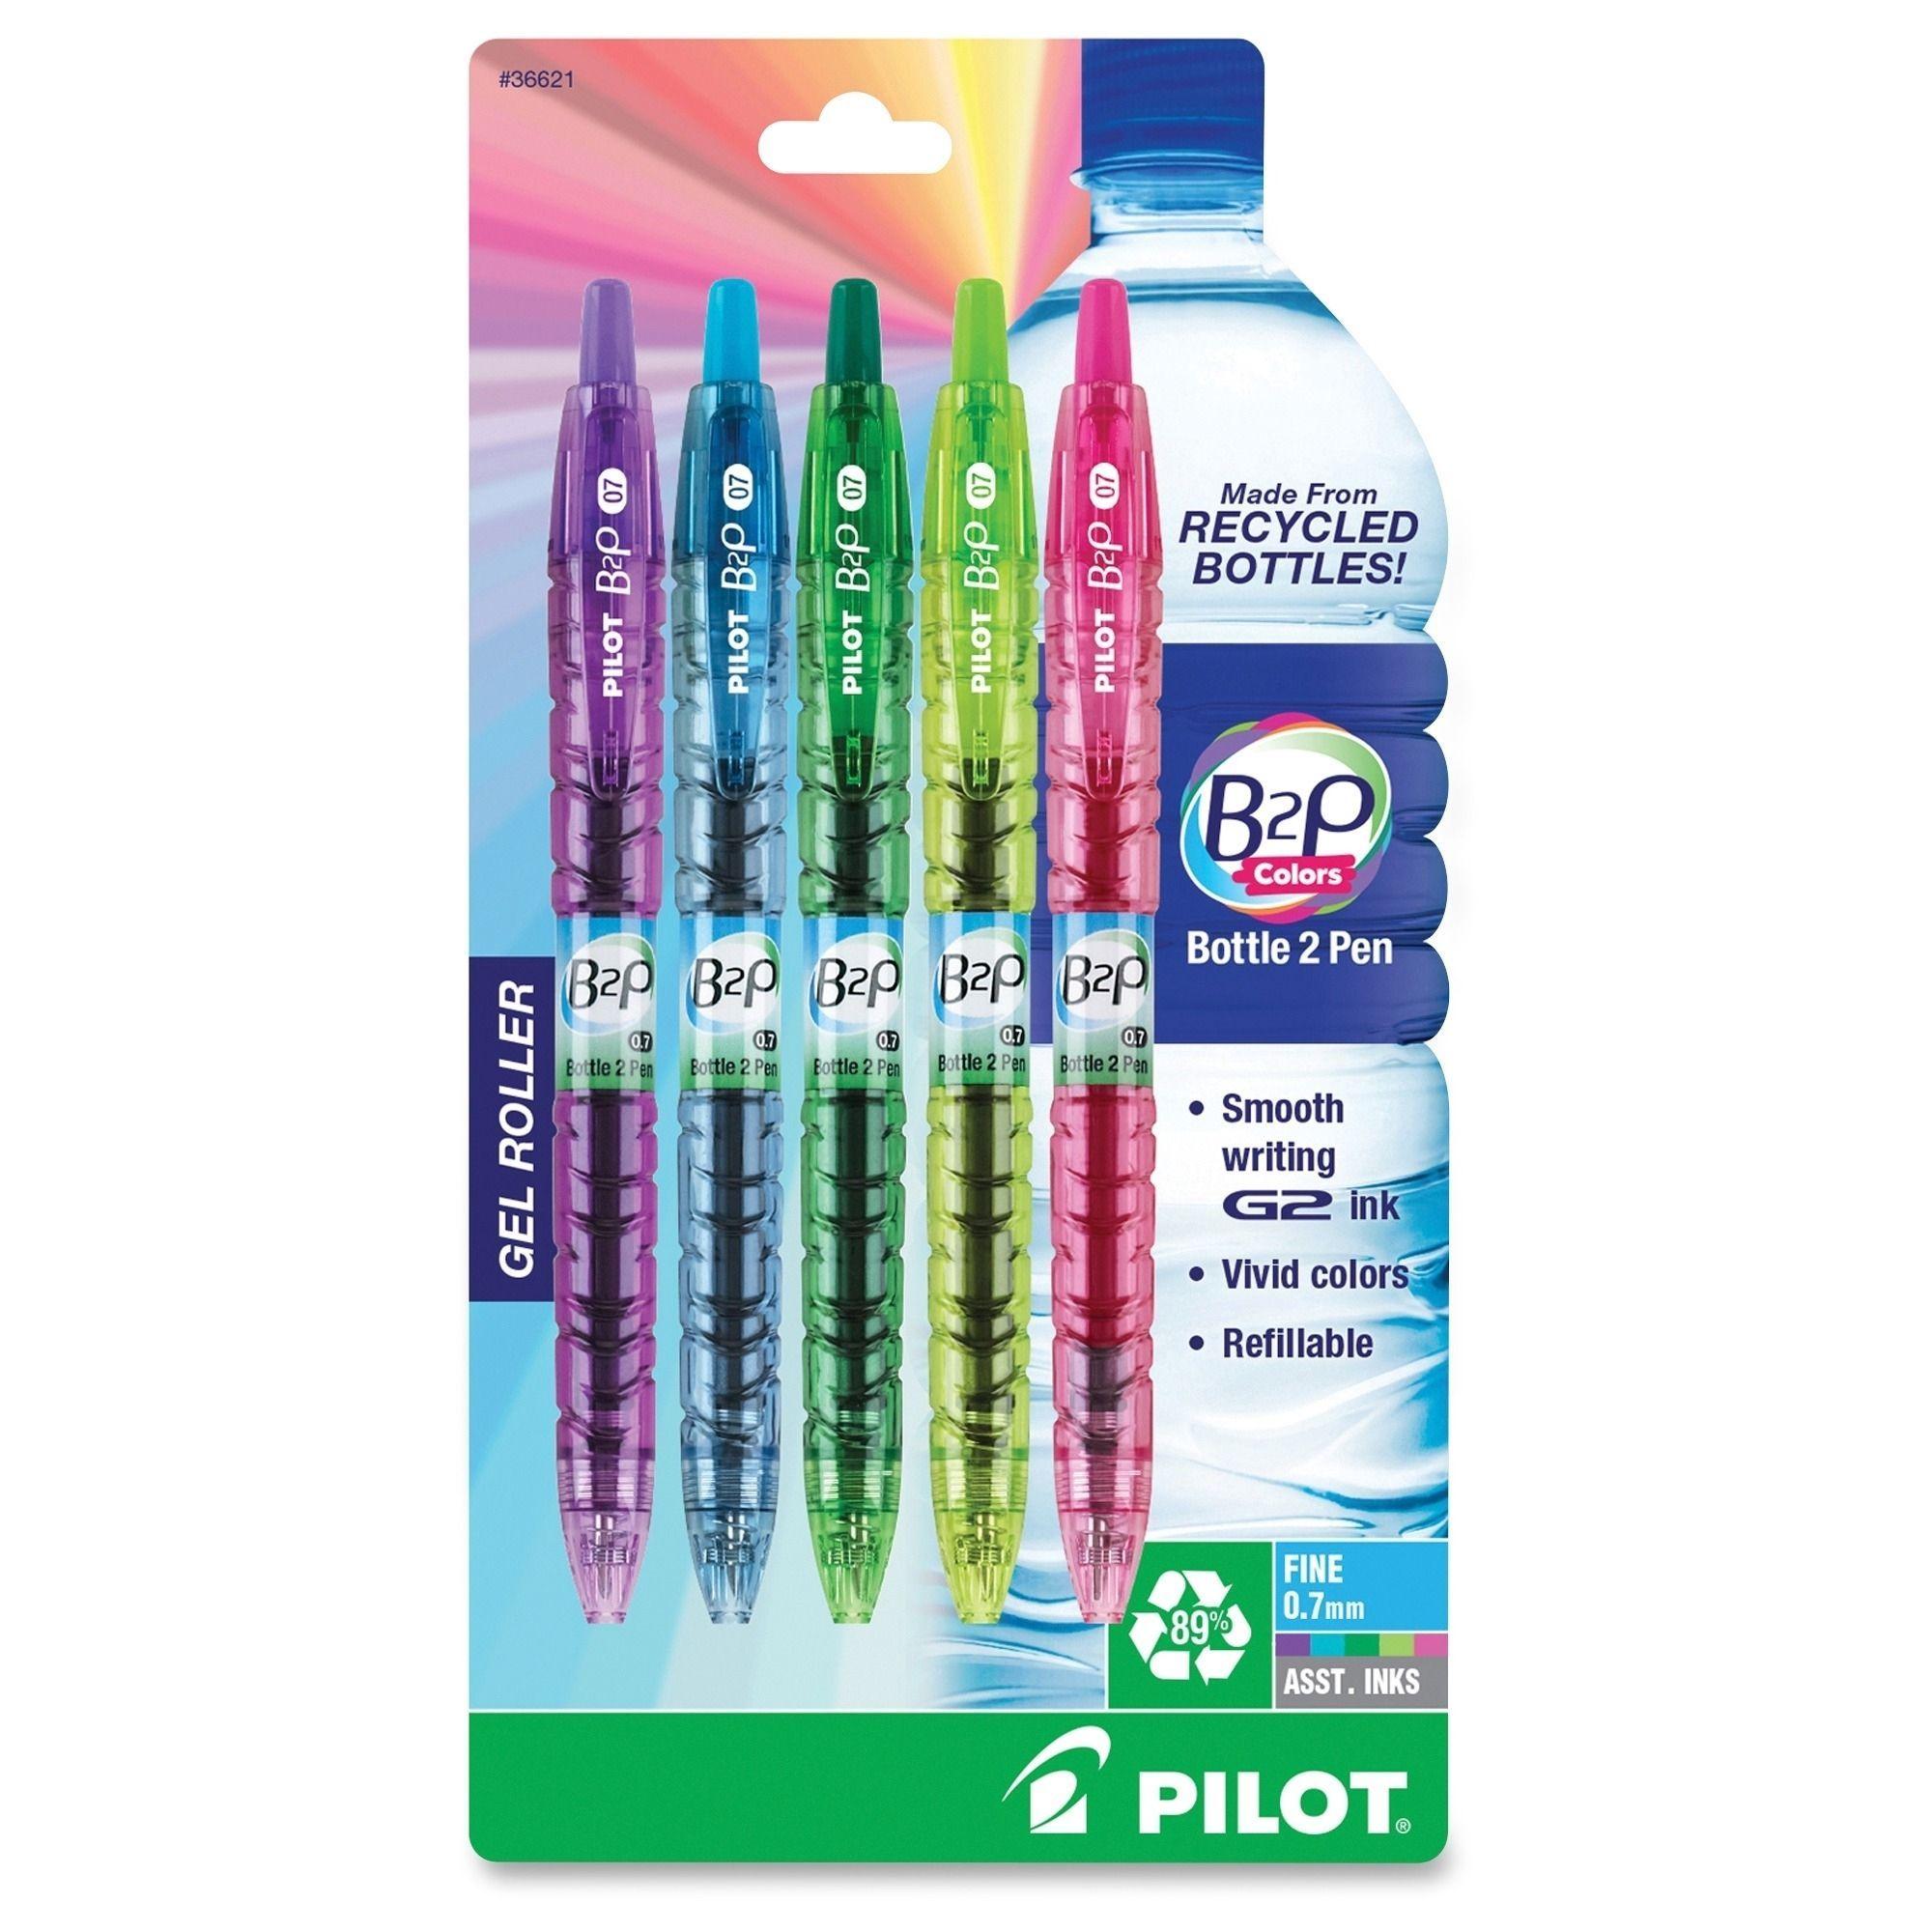 Pilot bottle to pen online course pinterest online courses and